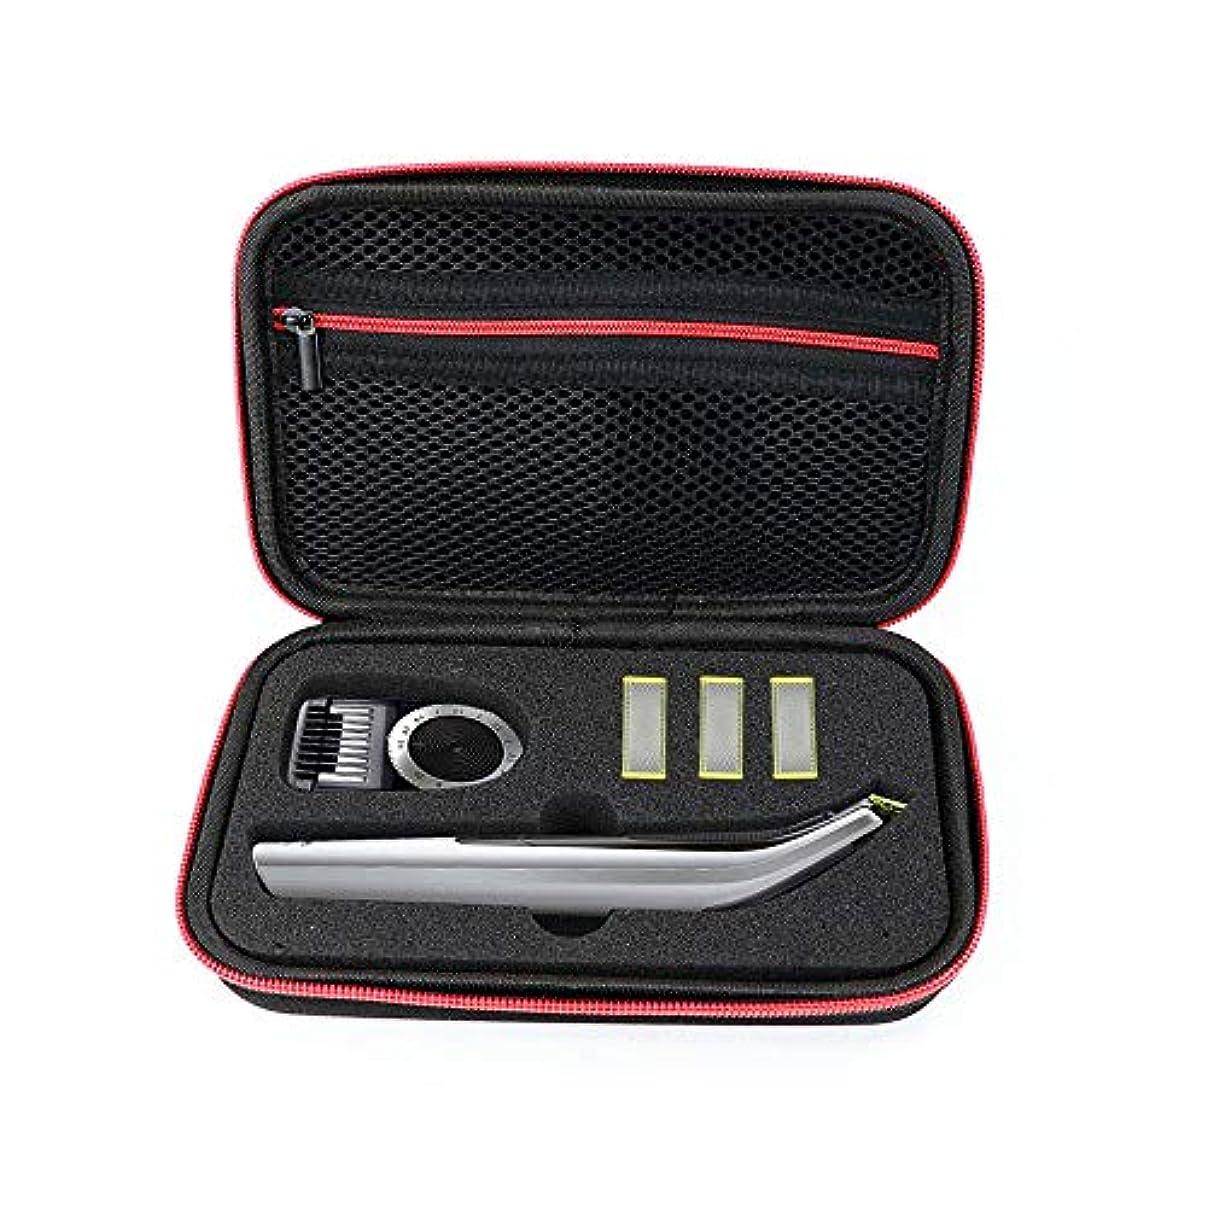 ブラインド気をつけてクレアZBRGX OneBlade Pro QP150トラベルケースフィリップス電気かみそりケース QP6520 QP6510用ポータブル収納袋 防塵 防水 耐衝撃 キャリングケース 保護ポーチ (赤)